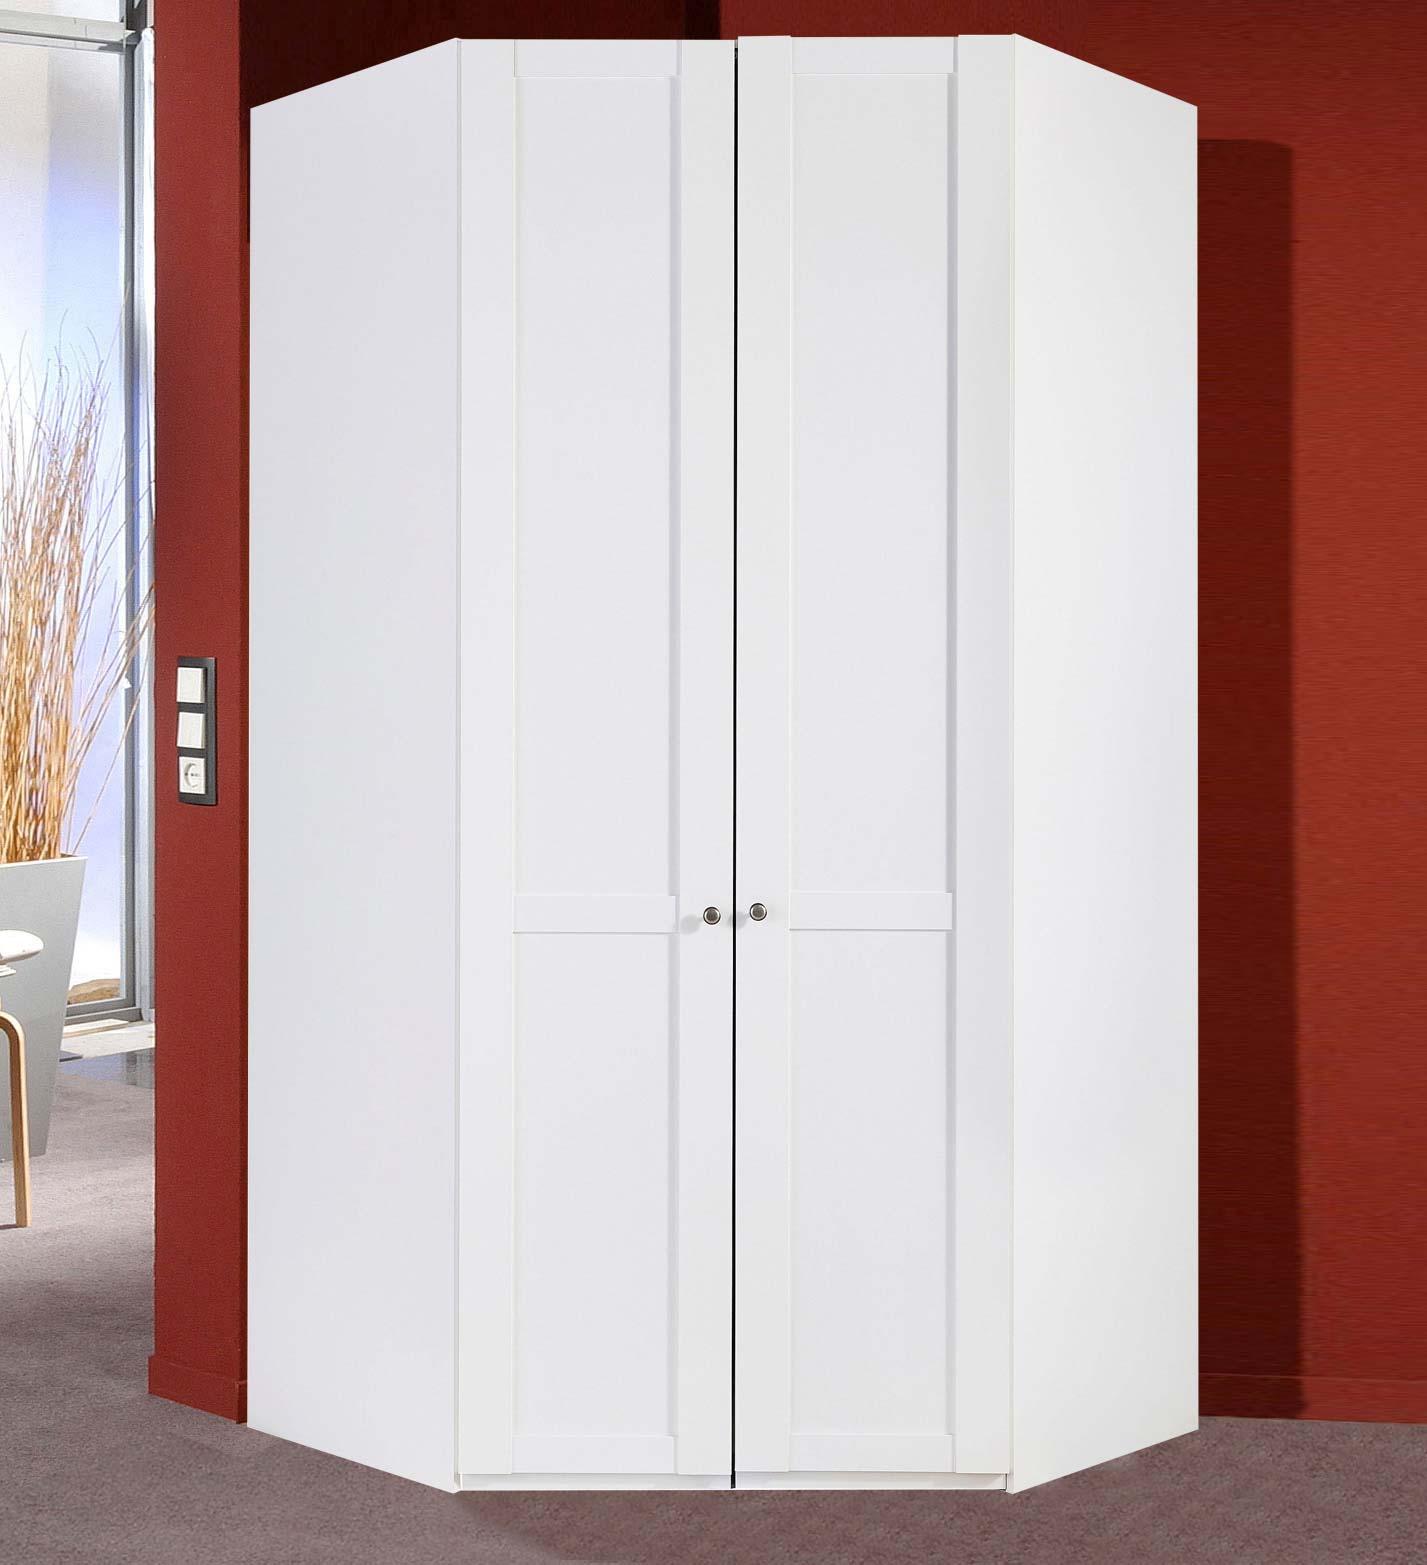 Full Size of Eckschrank Schlafzimmer Kleiderschrank Newport 120x120cm Wei Mit Beleuchtung Set Weiß Komplette Kronleuchter Deckenleuchte Deckenlampe Komplett Massivholz Schlafzimmer Eckschrank Schlafzimmer